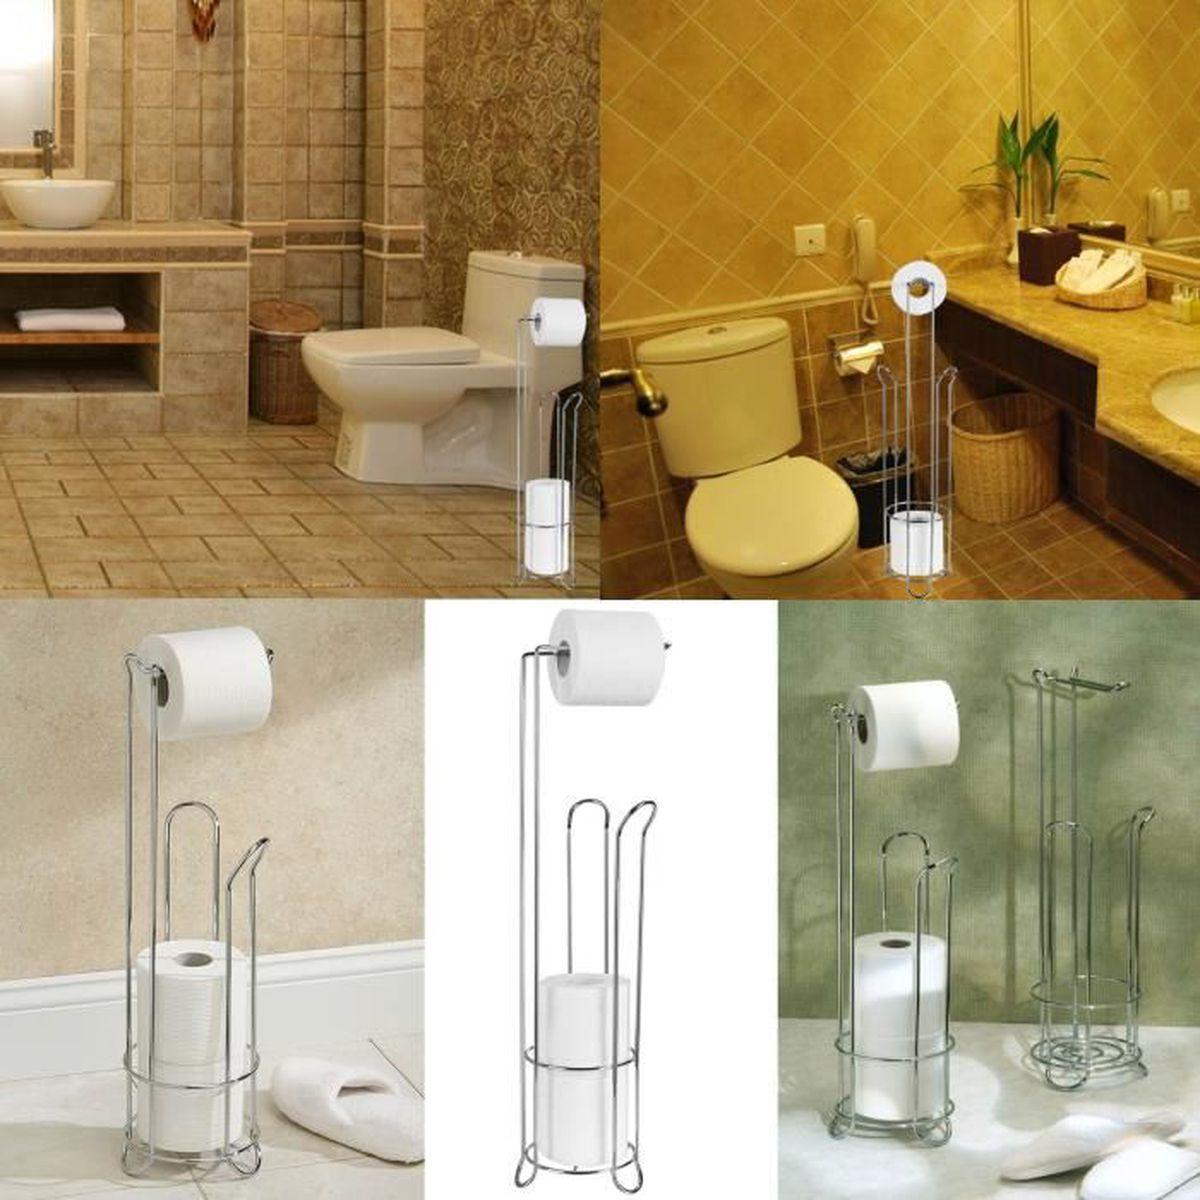 Papier Salle De Bain papier de toilette support wc salle de bain tissu